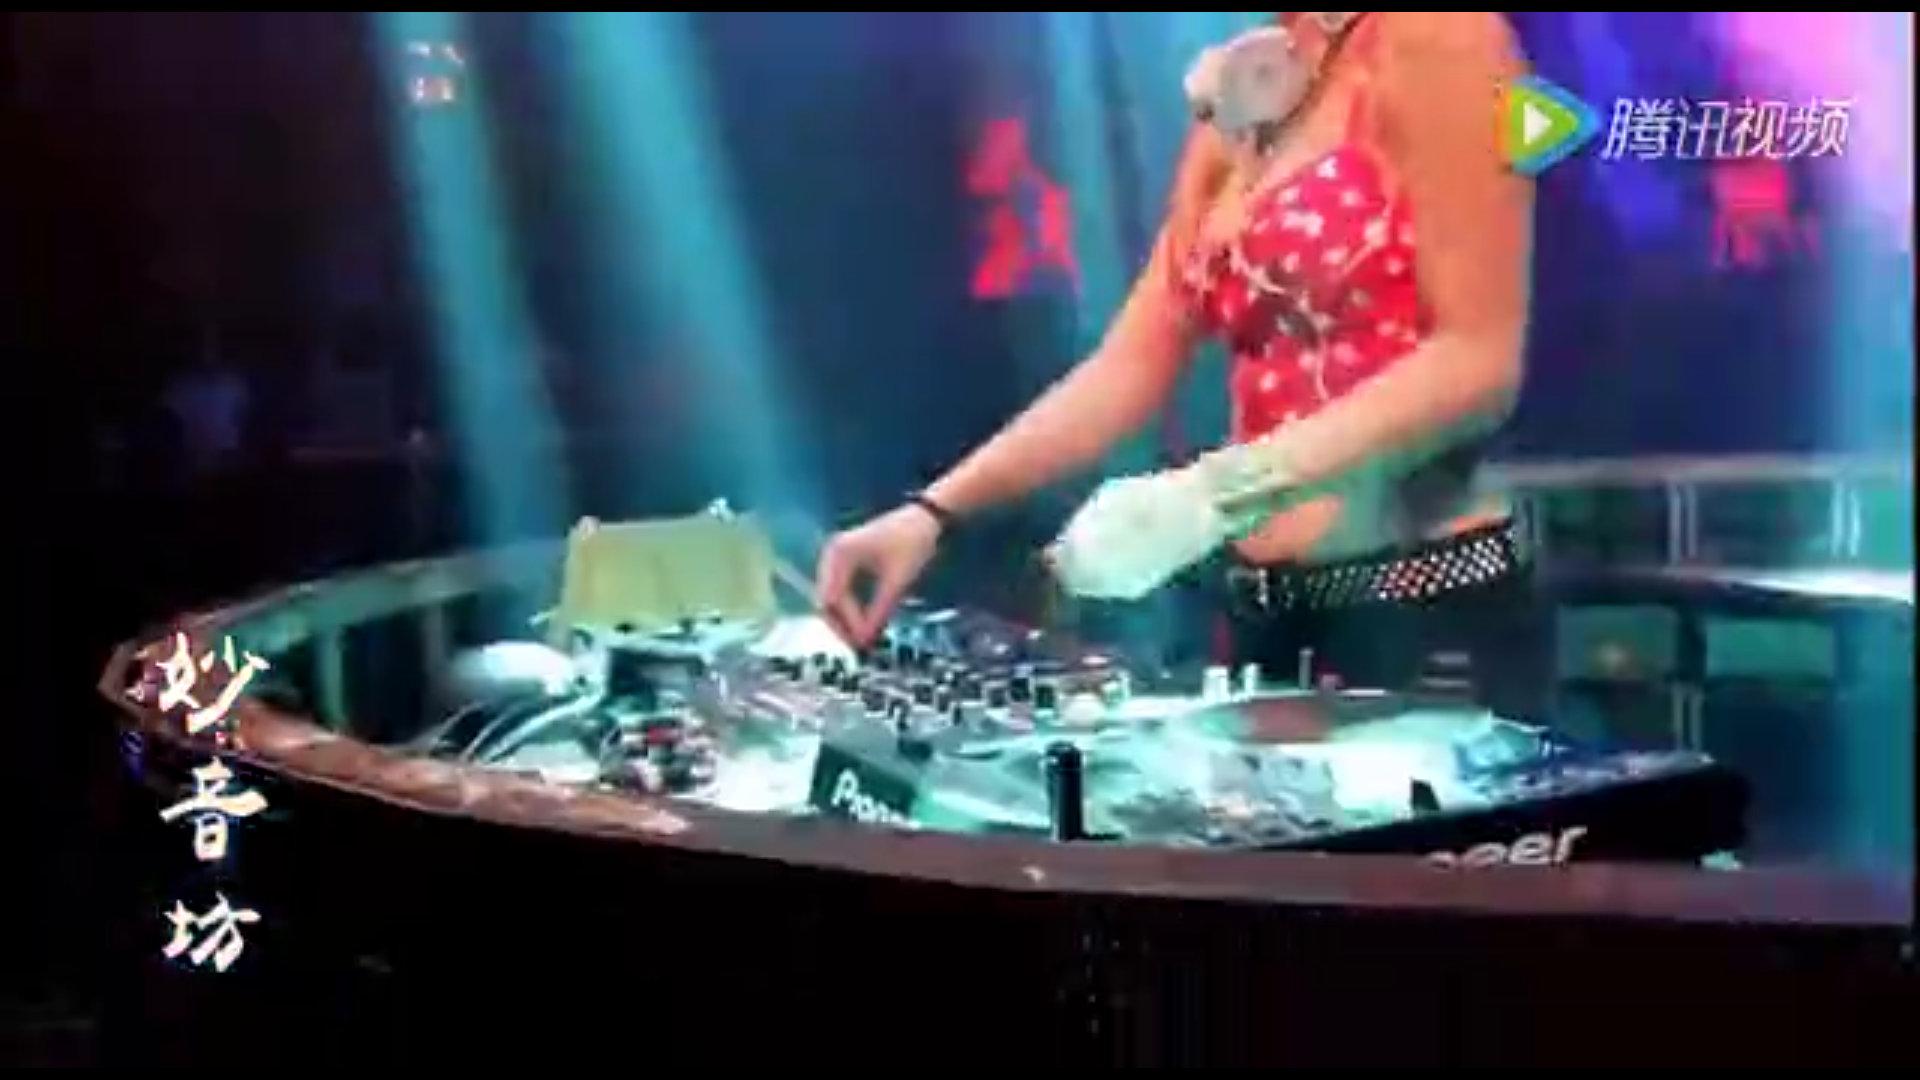 DJ音乐:旧的不去新的不来